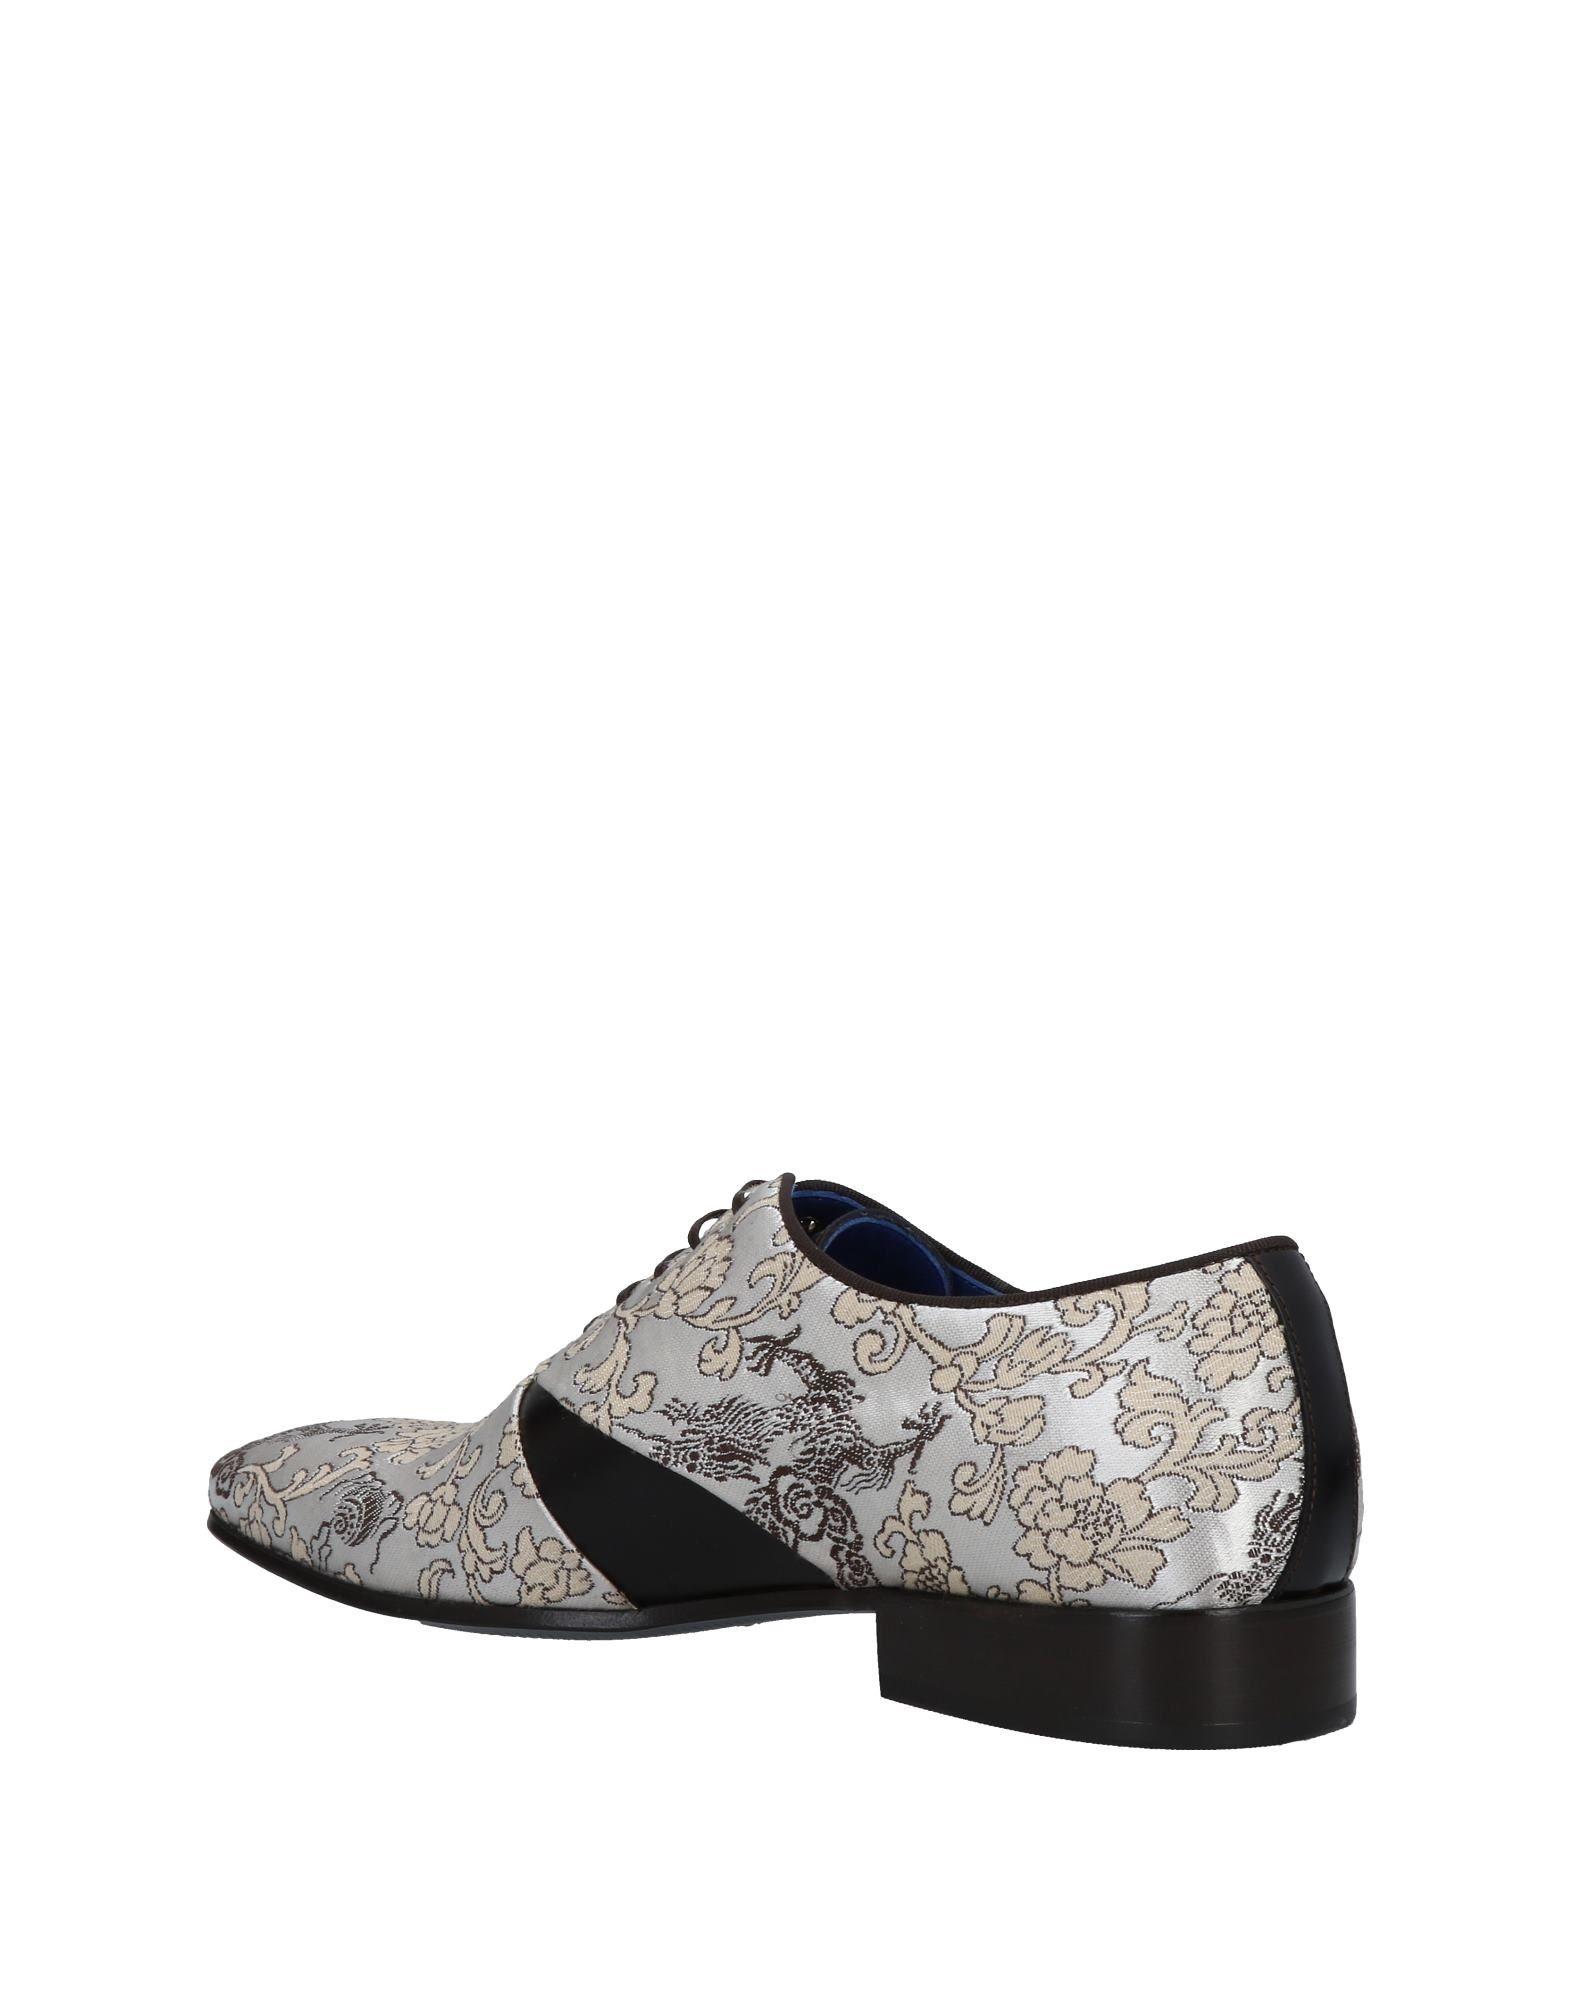 Giovanni Conti Schnürschuhe Herren  11471606RG Gute Qualität beliebte Schuhe